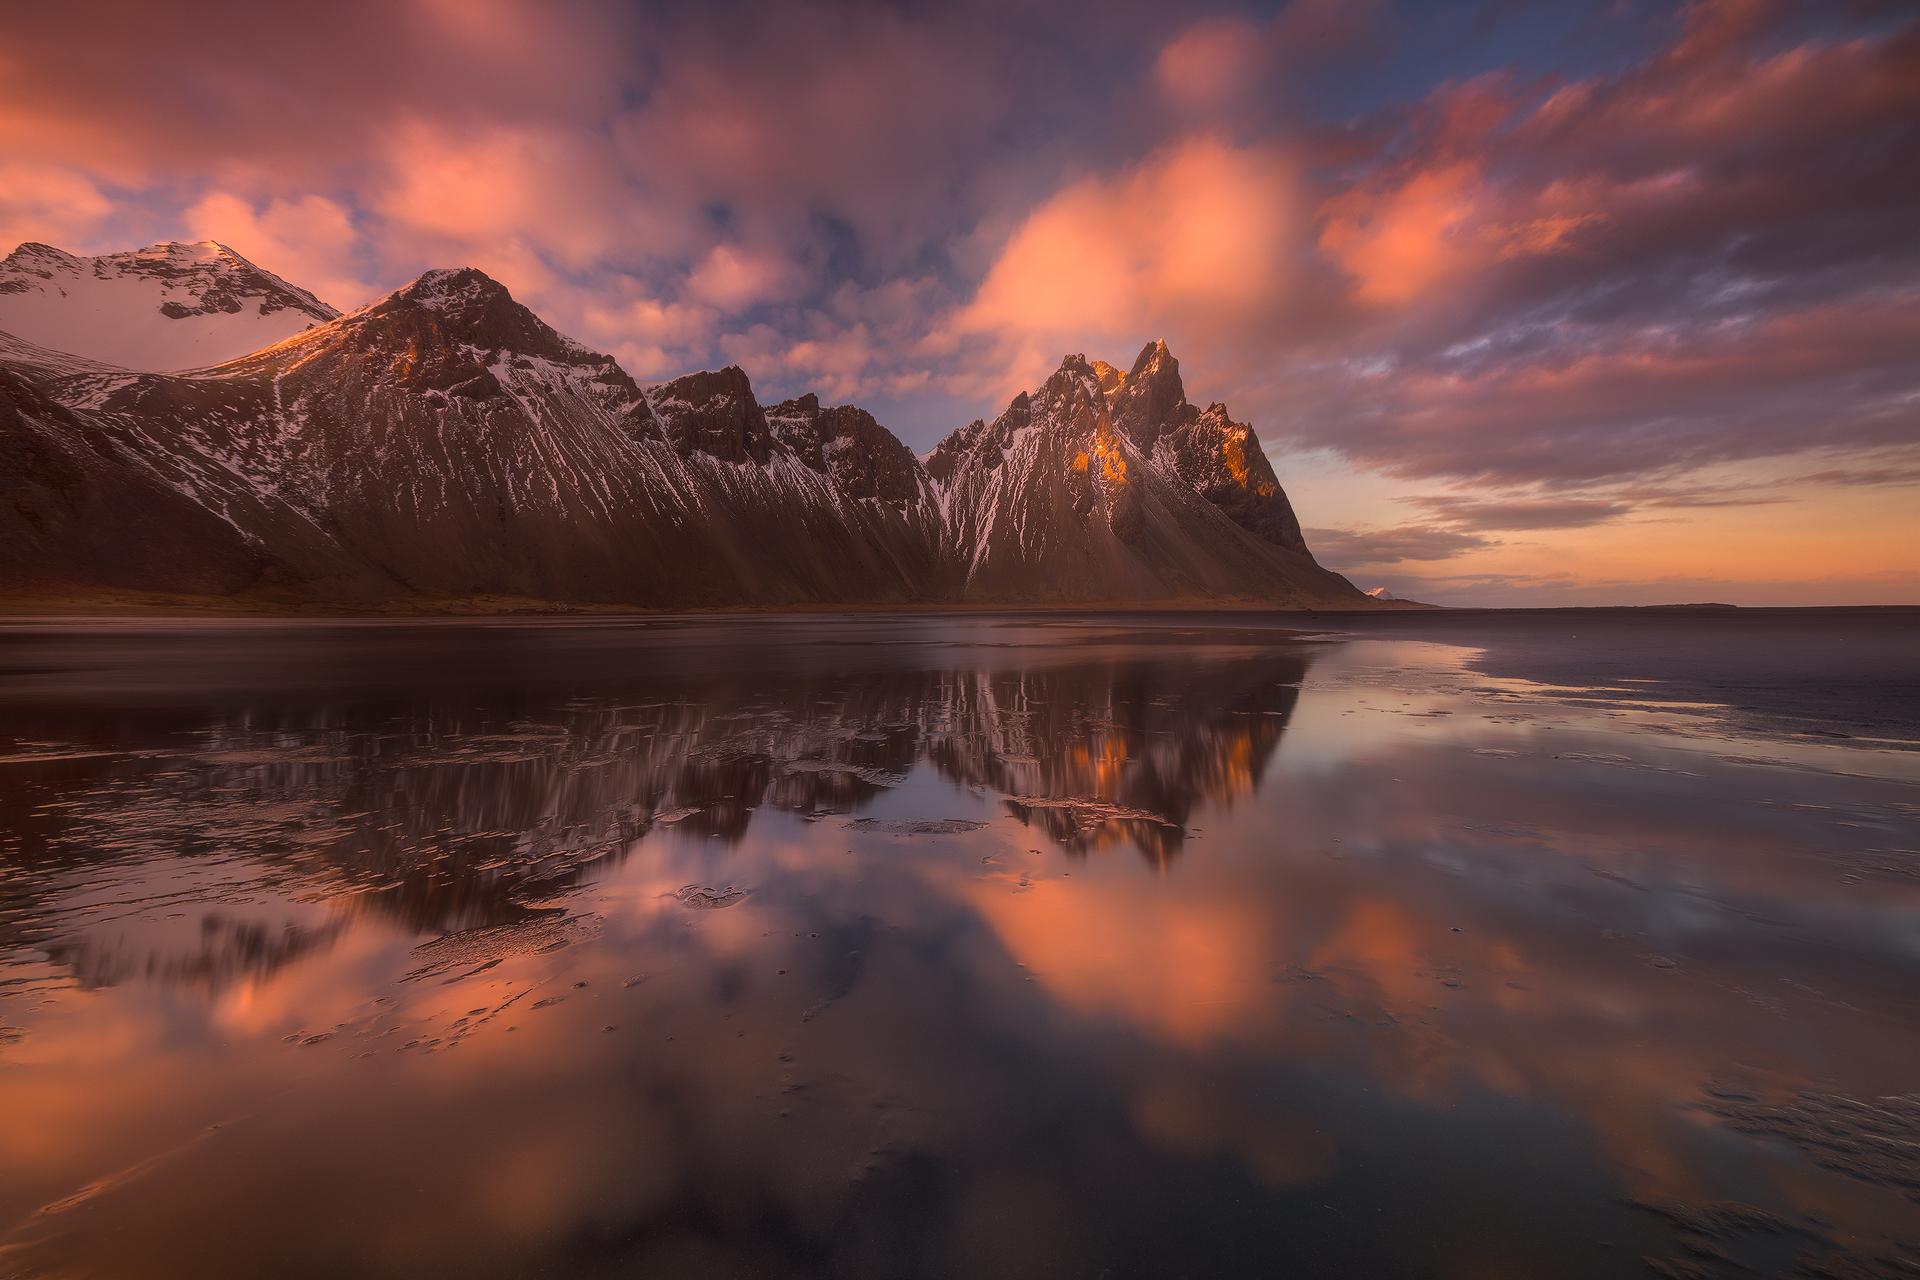 La laguna glaciale di Jökulsárlón è un bellissimo posto per la fotografia a lunga esposizione.